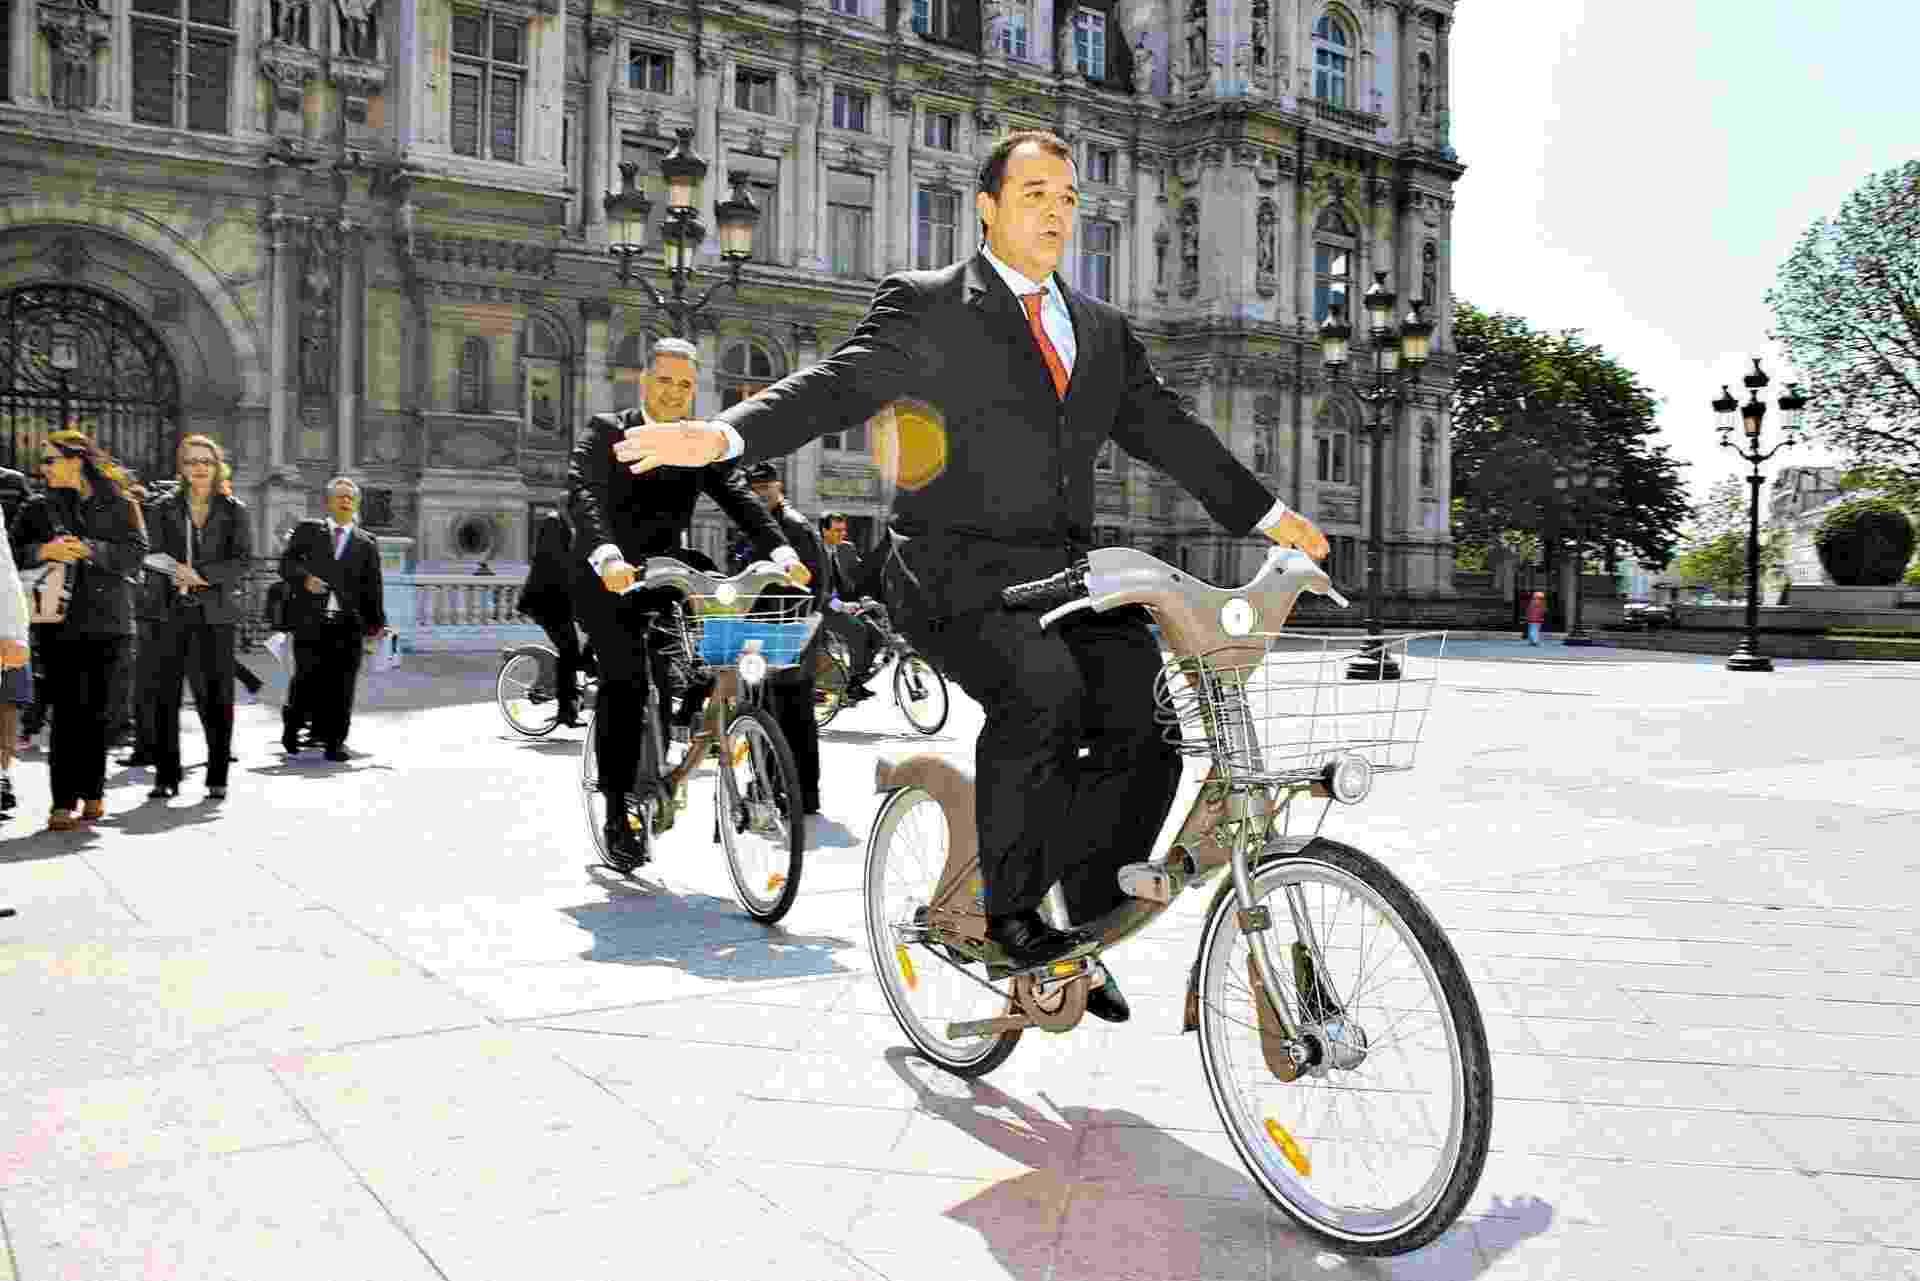 Sérgio Cabral se envolveu em uma série de escândalos e polêmicas durante os seus oito anos à frente do governo do Estado do Rio. Uma das críticas mais constantes diz respeito às suas viagens para Paris. Na foto, ele utiliza uma bicicleta do projeto de transporte público parisiense Velib, em frente à prefeitura de Paris - Carlos Magno/CCS